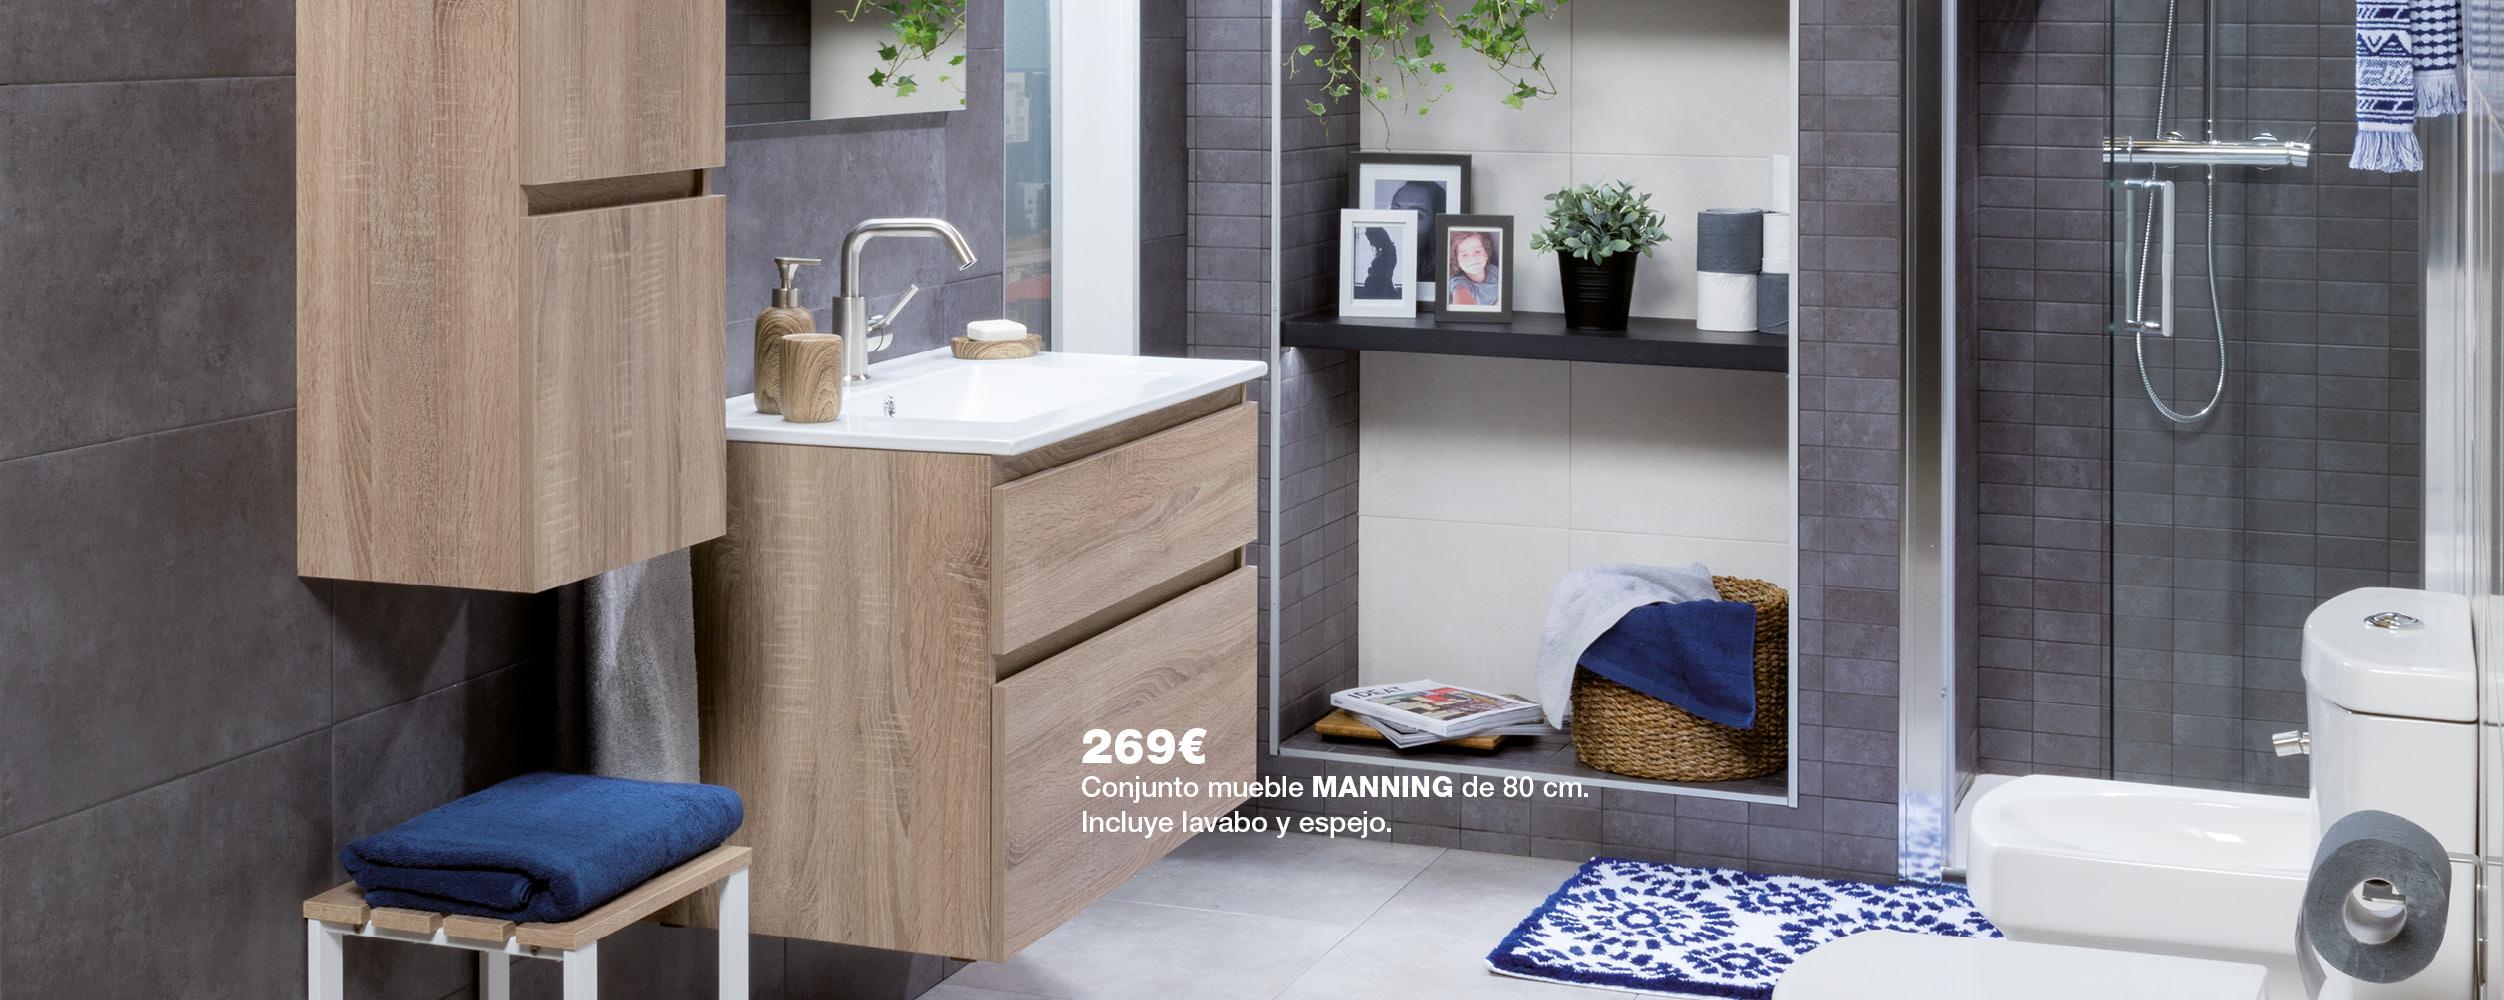 Conjunto mueble MANNING de 80 cm por 269€